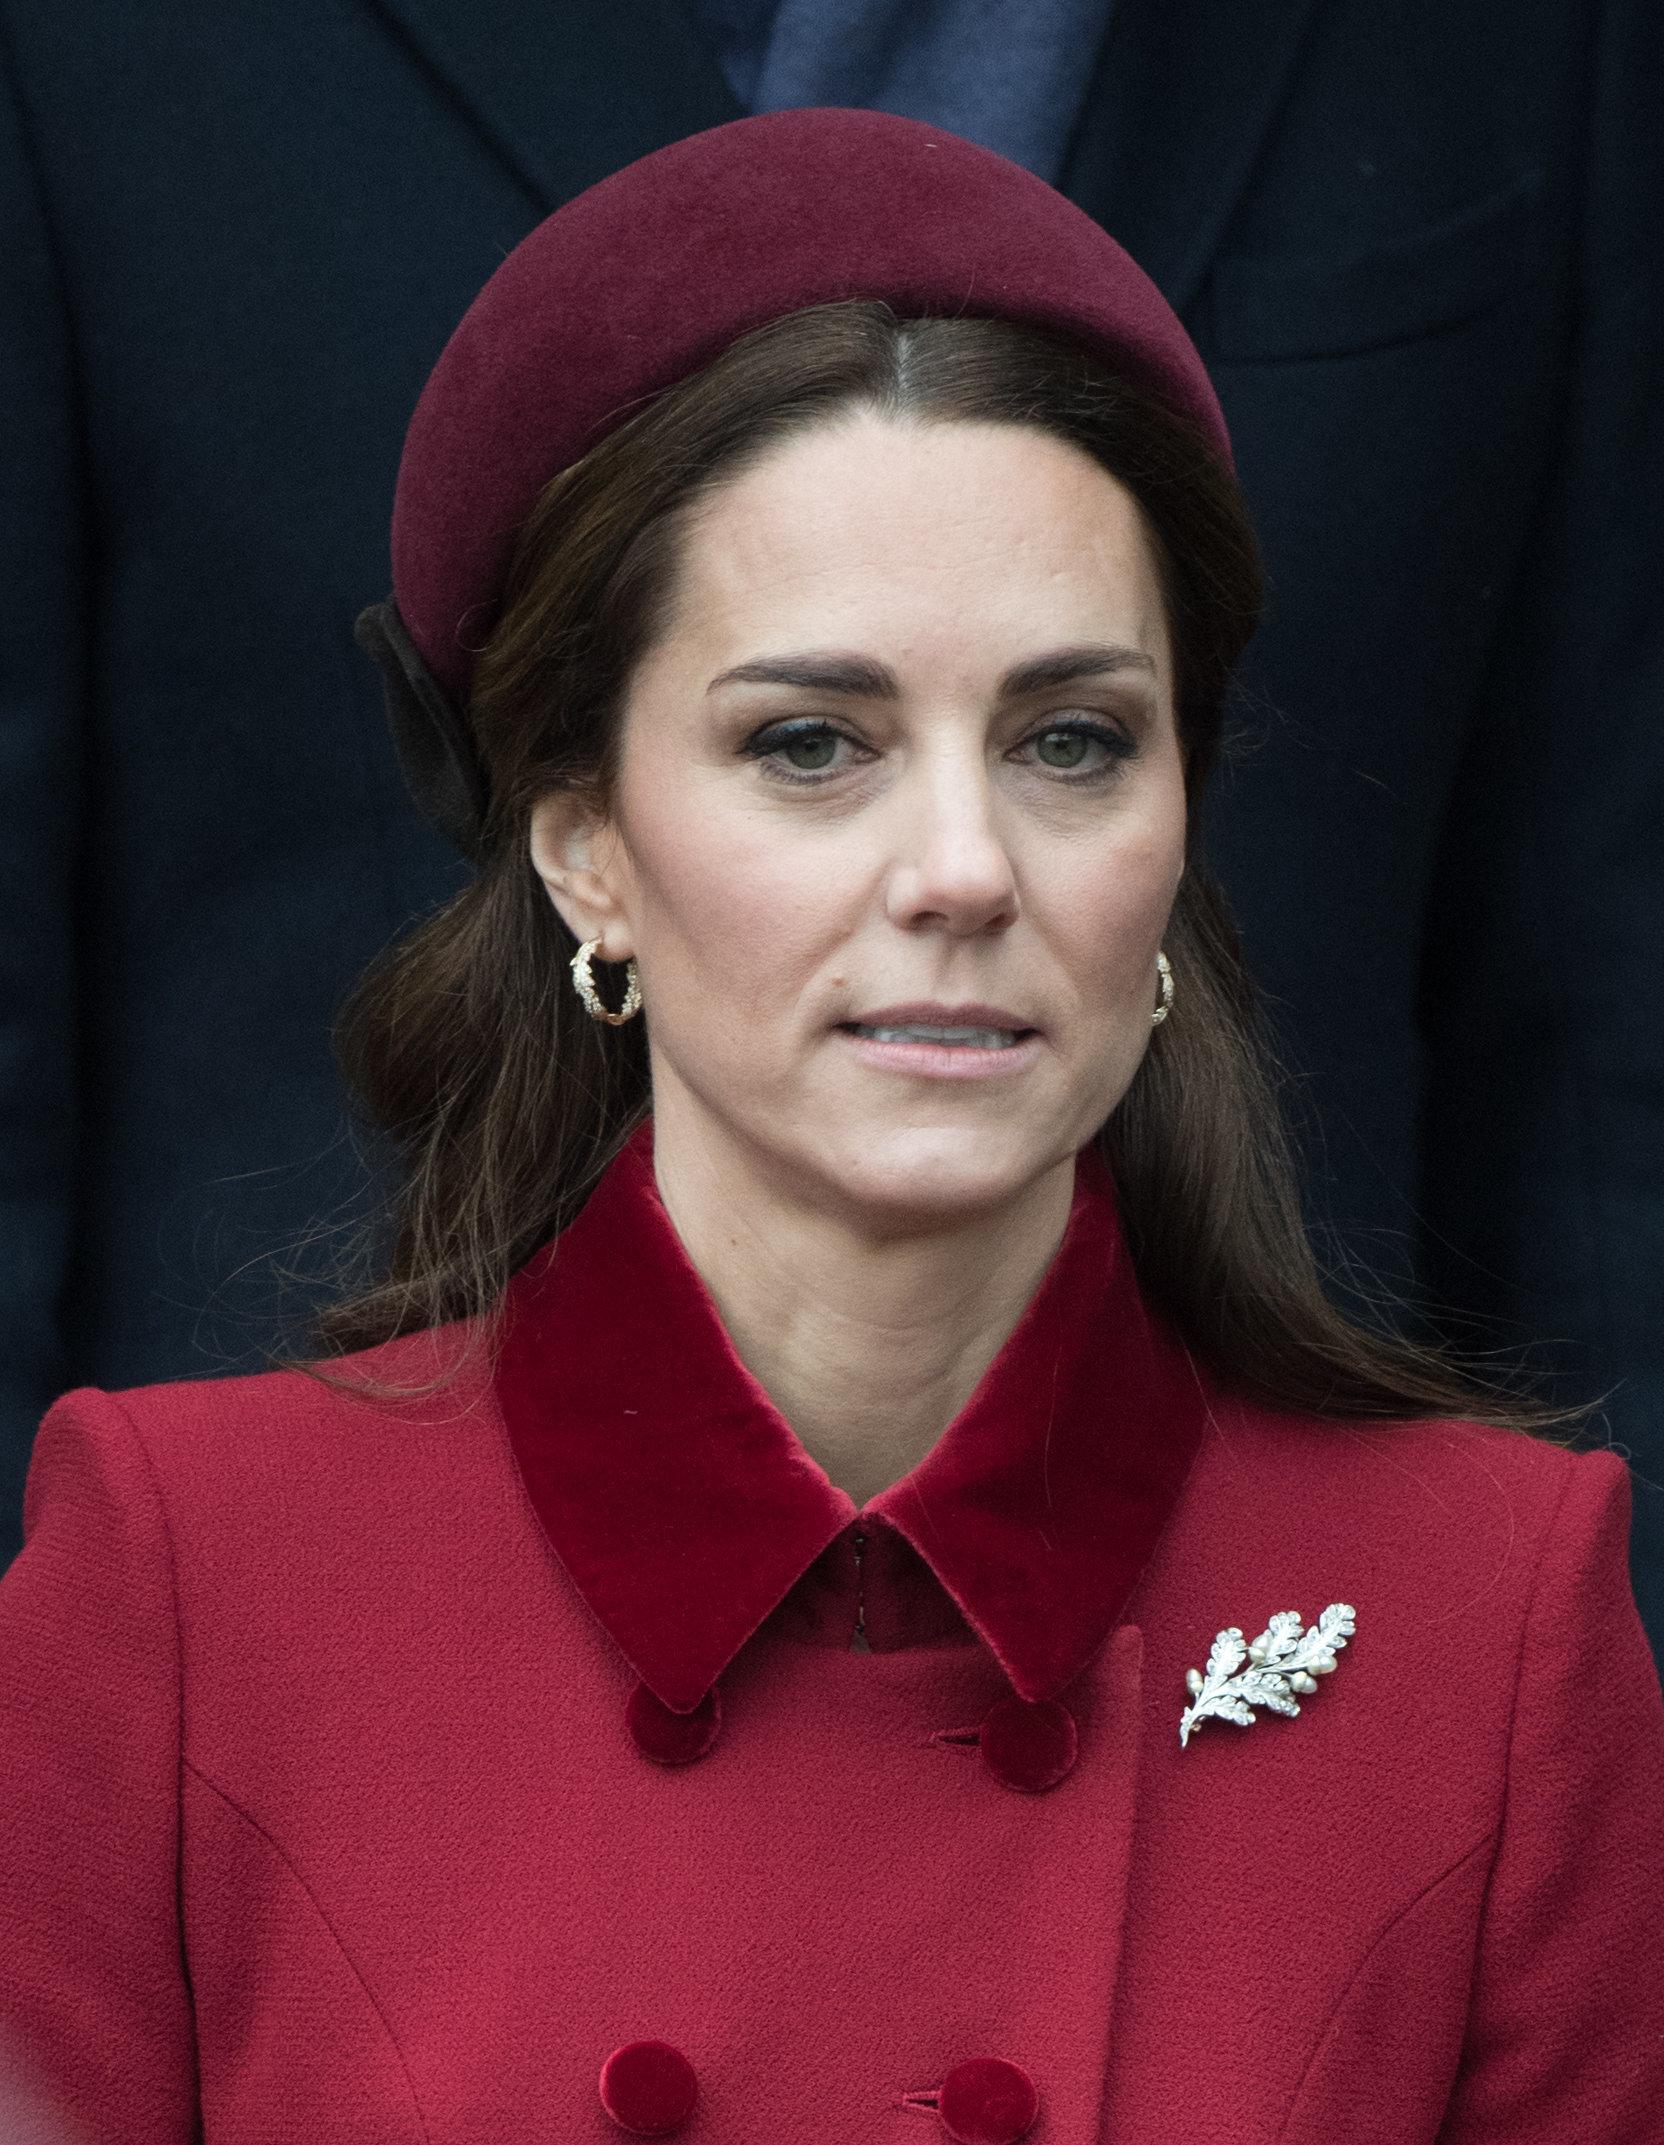 Herzogin Kate hat es früher nicht leicht gehabt.